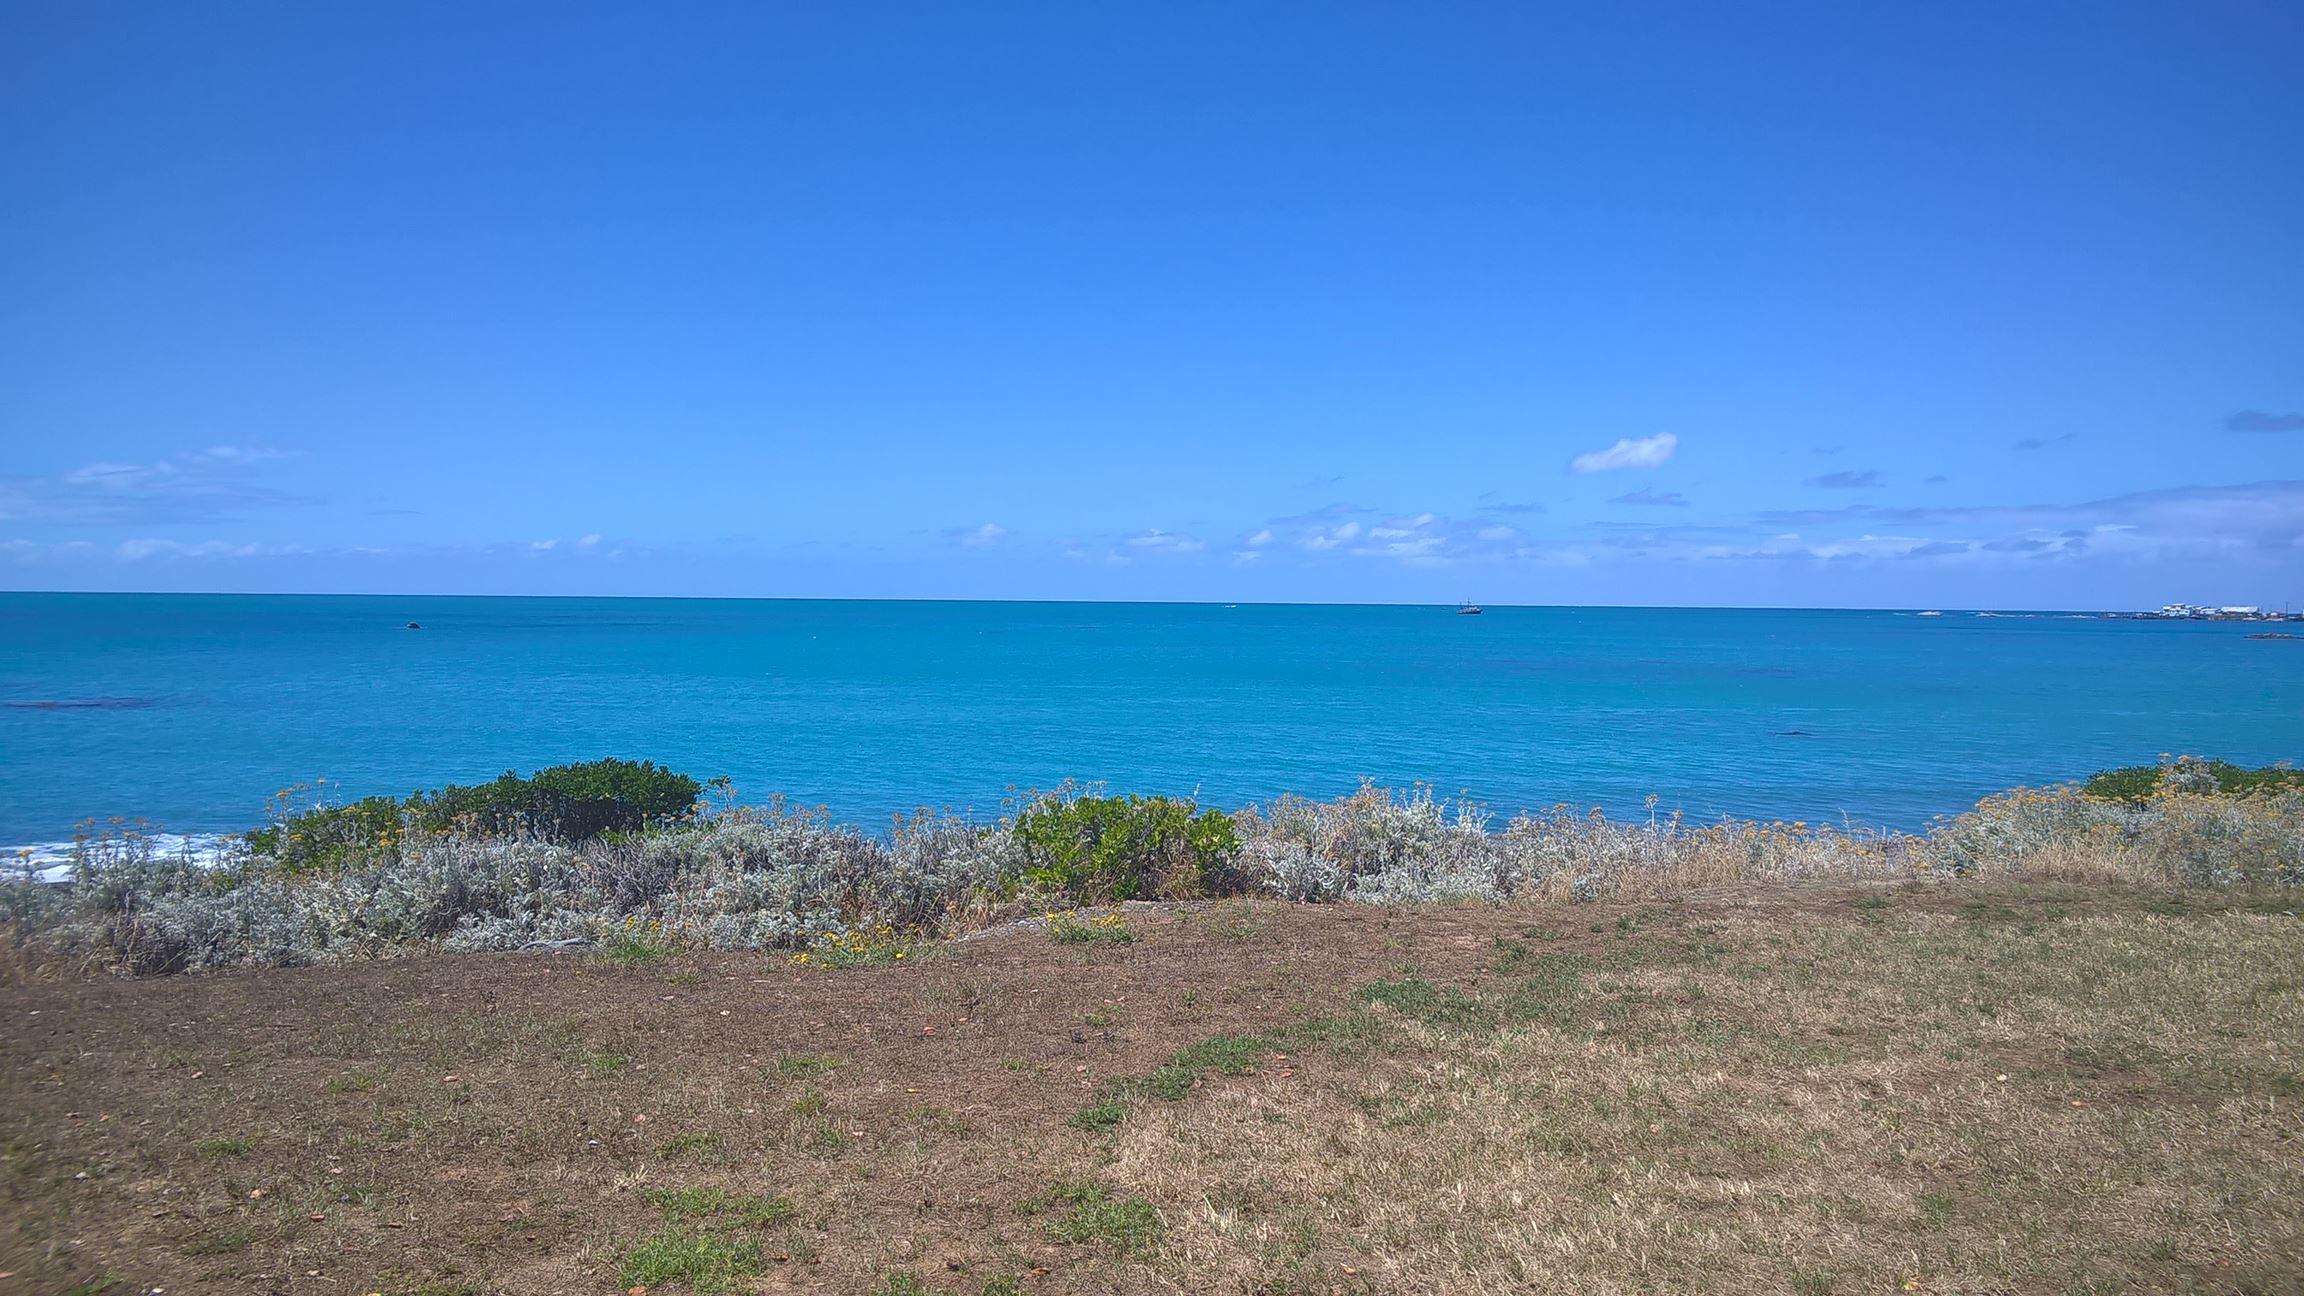 ... unglaublich schön klar und blau